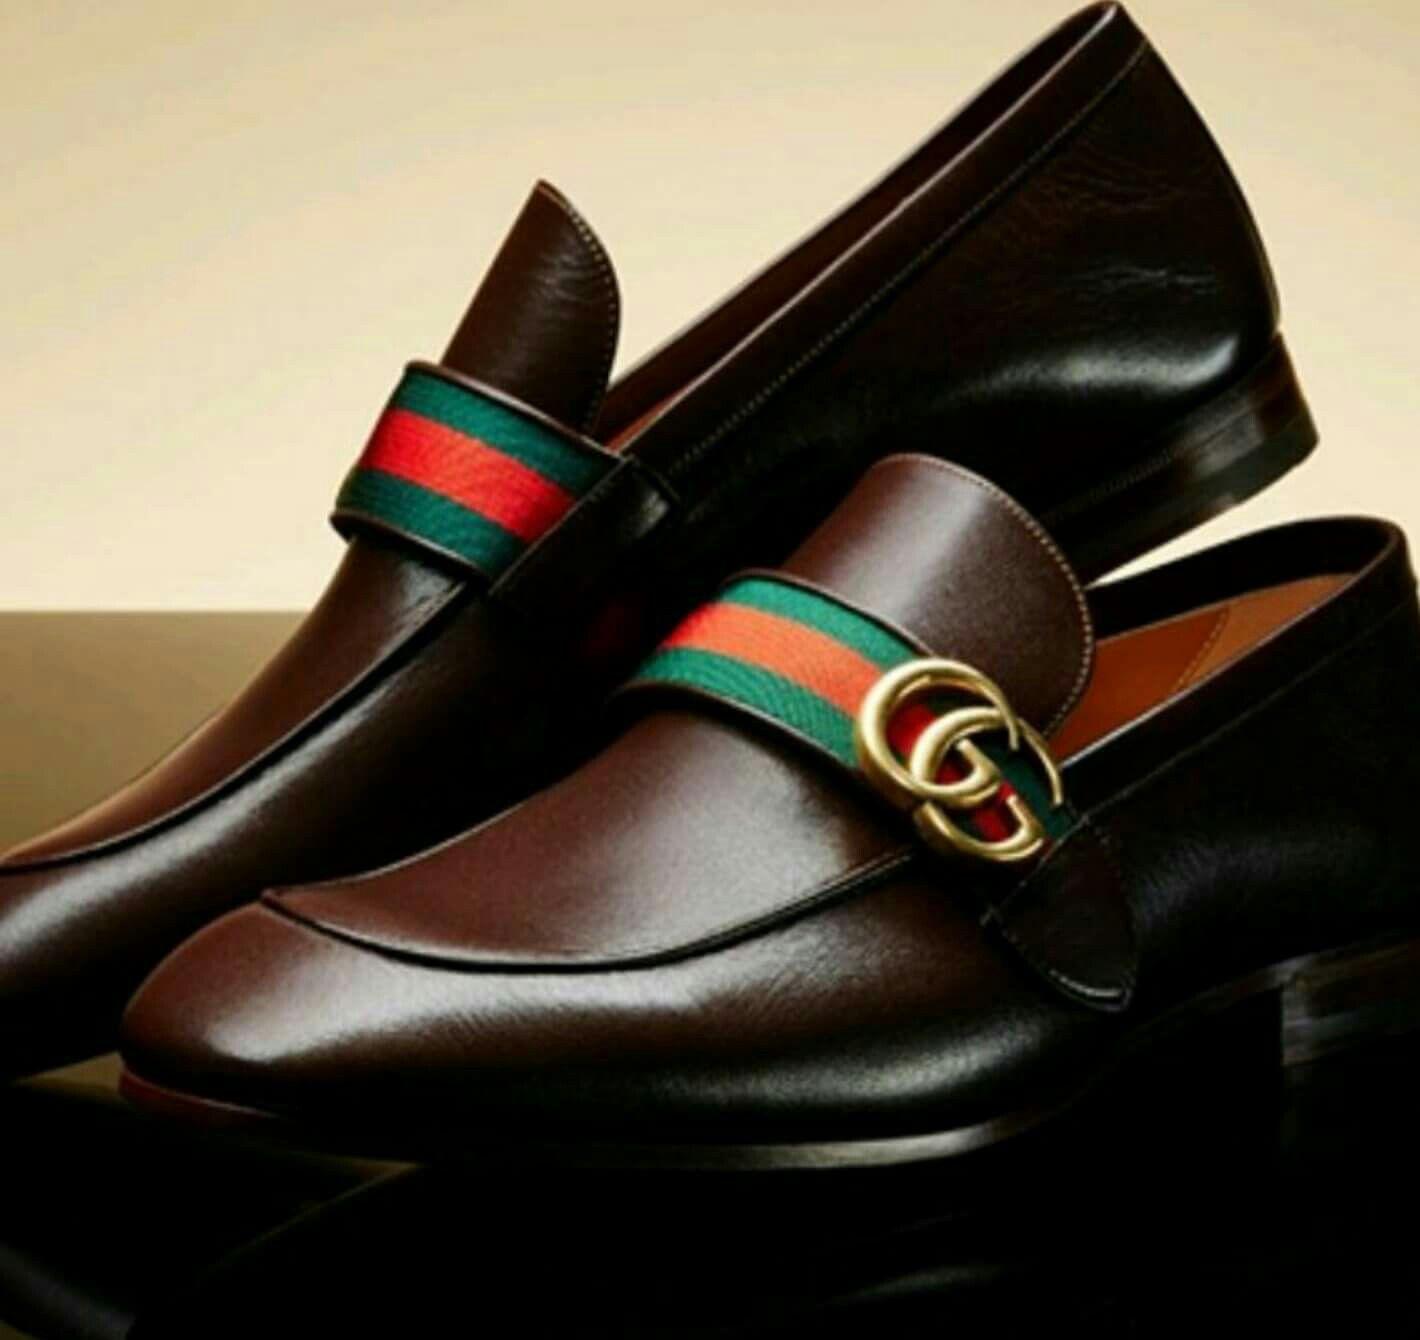 Zapatos de marca gucci  a259eef3af85